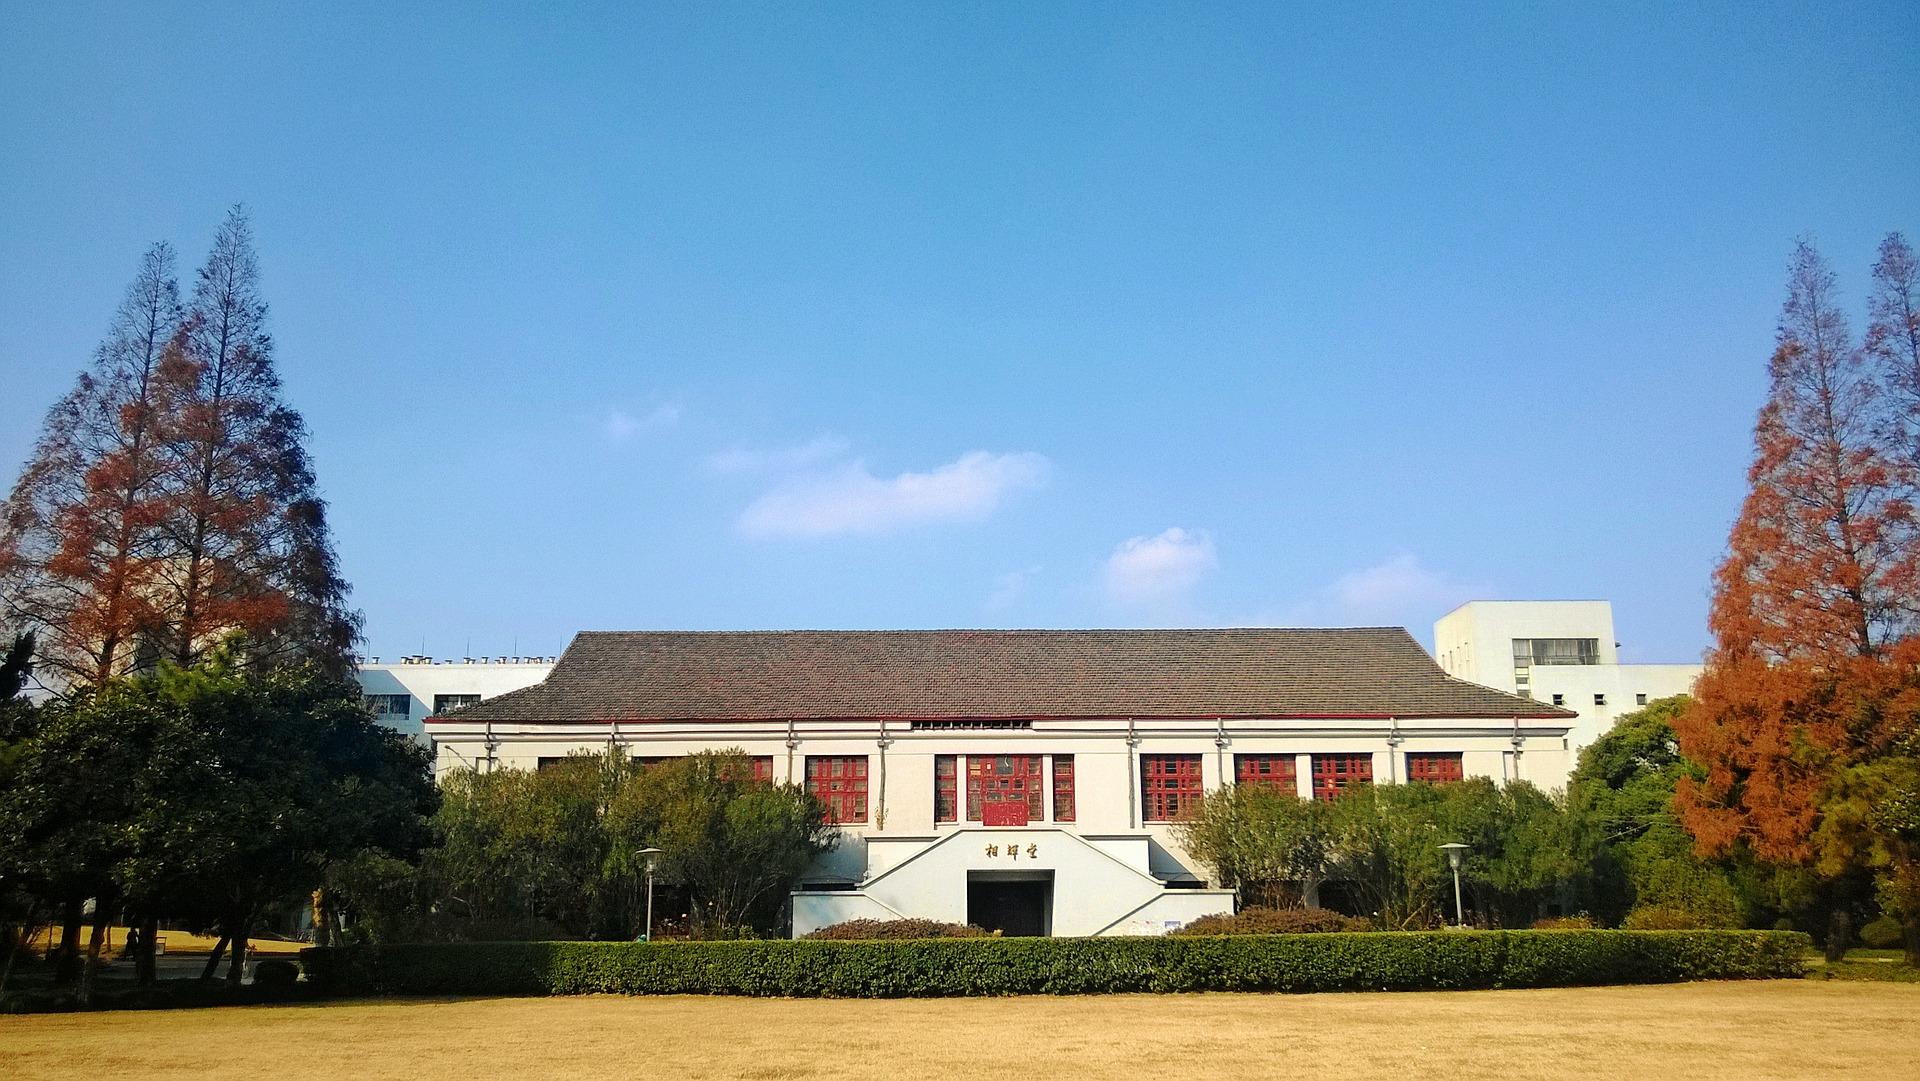 fudan-university-394567_1920.jpg